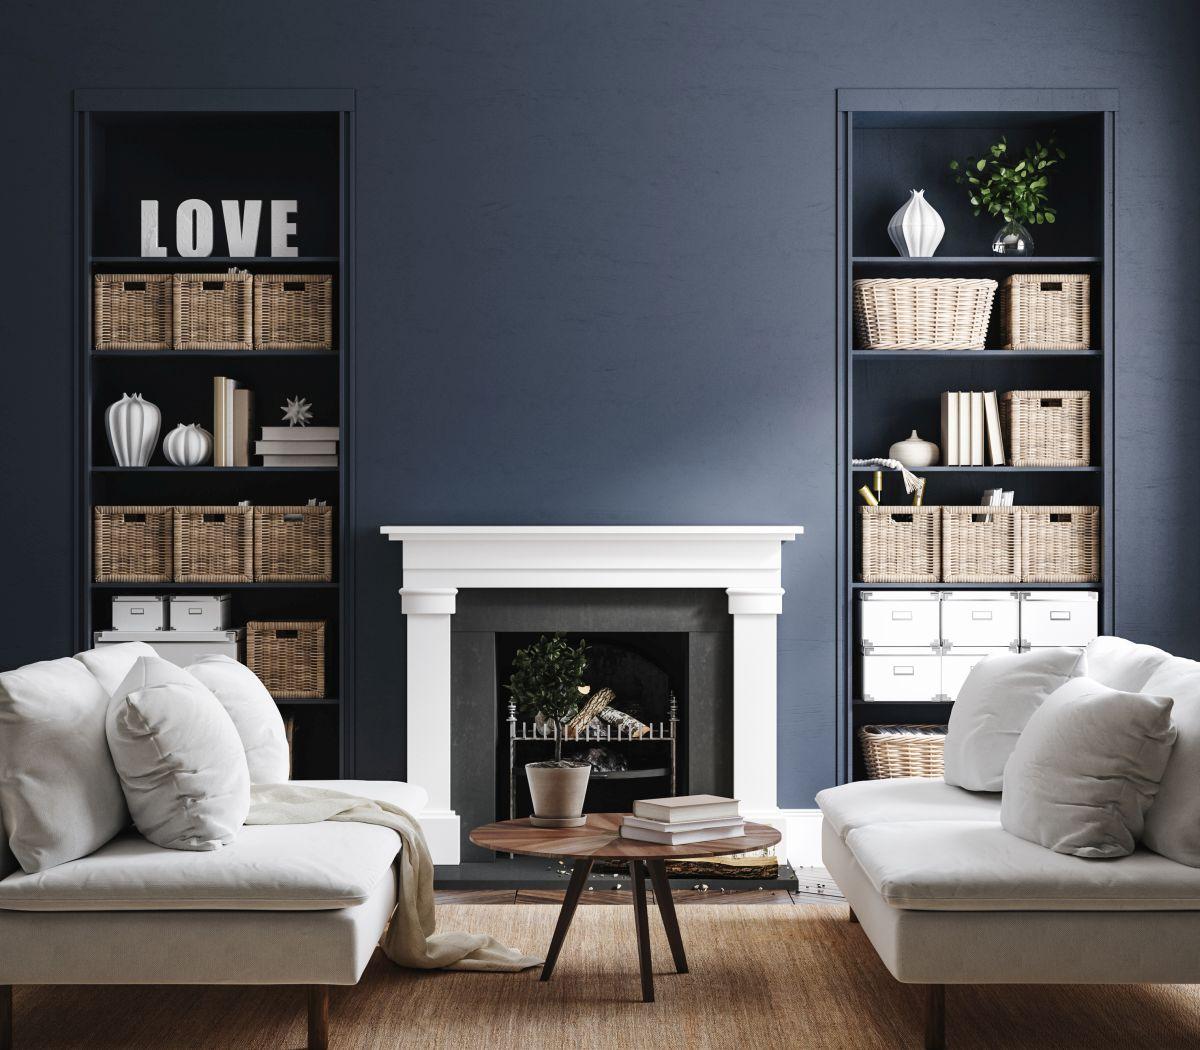 Wohnzimmer mit Regalen und geflochtenen Regalkörben